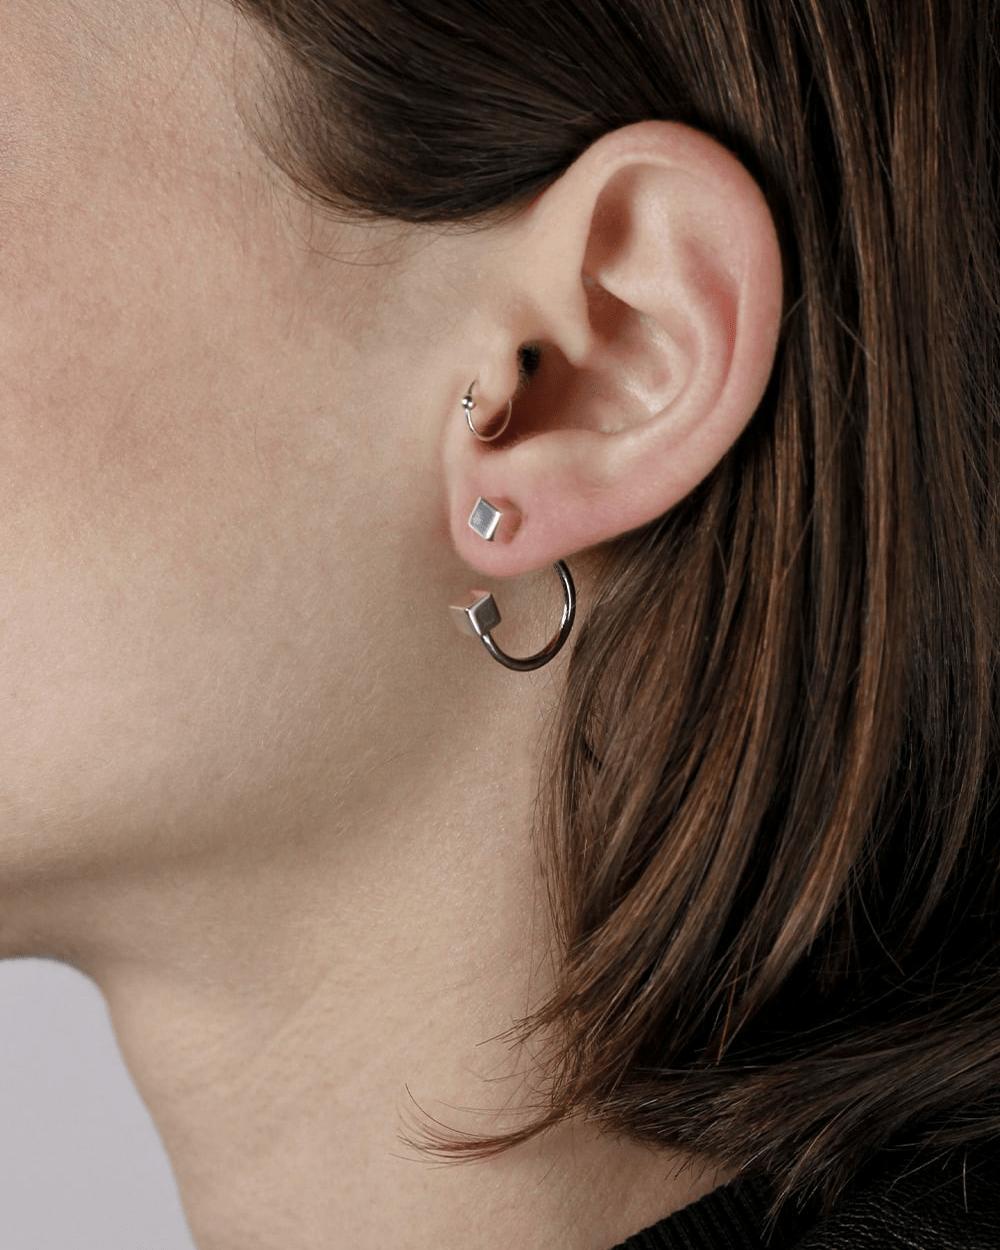 Earrings ARCS & CUBES PIERCING PAIR EARRINGS NOVE25